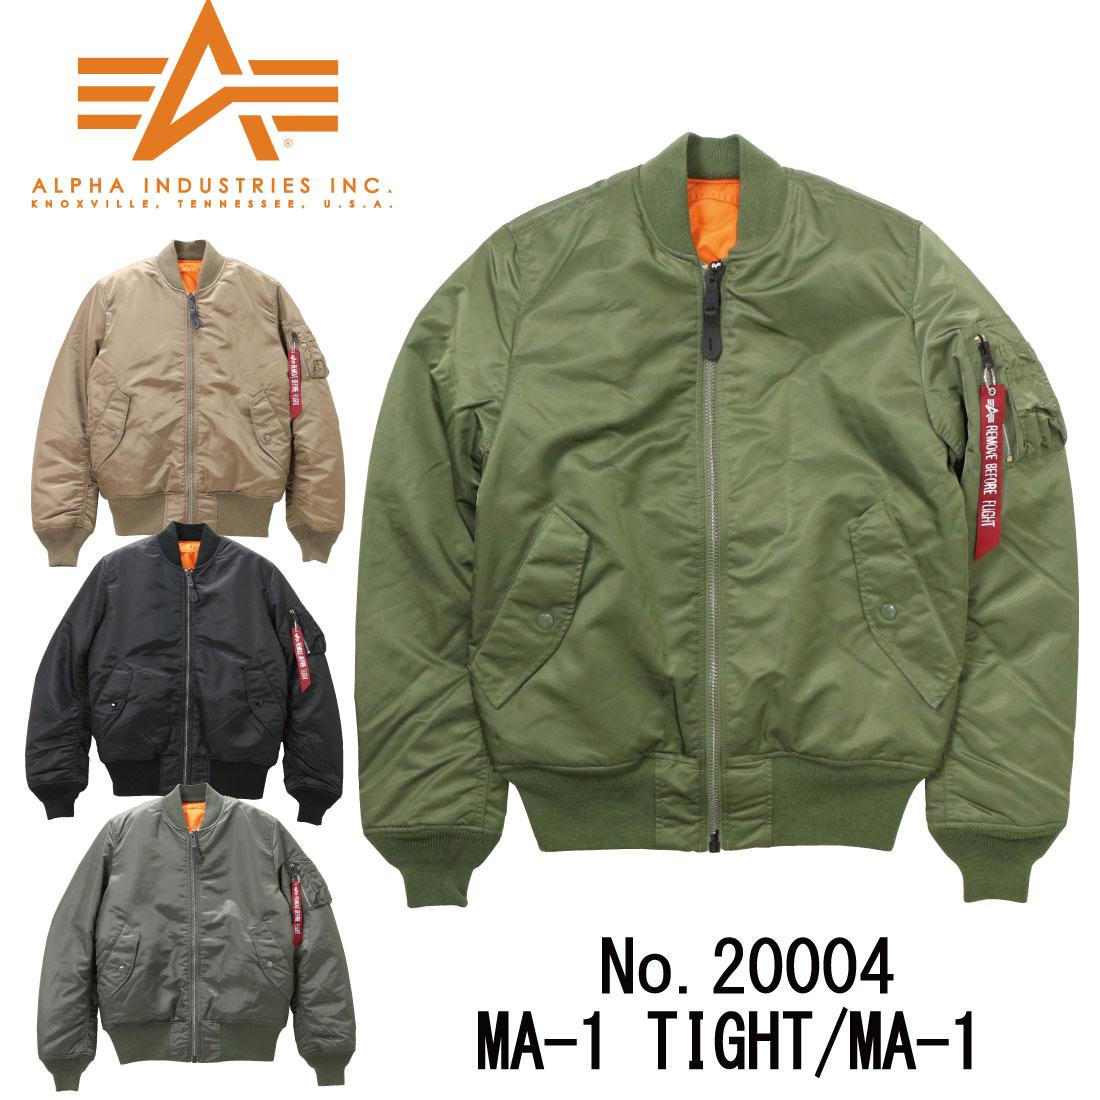 ALPHA アルファ MA-1 アウター ジャケット 20004 長袖 タイト フライトジャケット ミリタリー メンズ インダストリーズ 正規 401 403 412 476